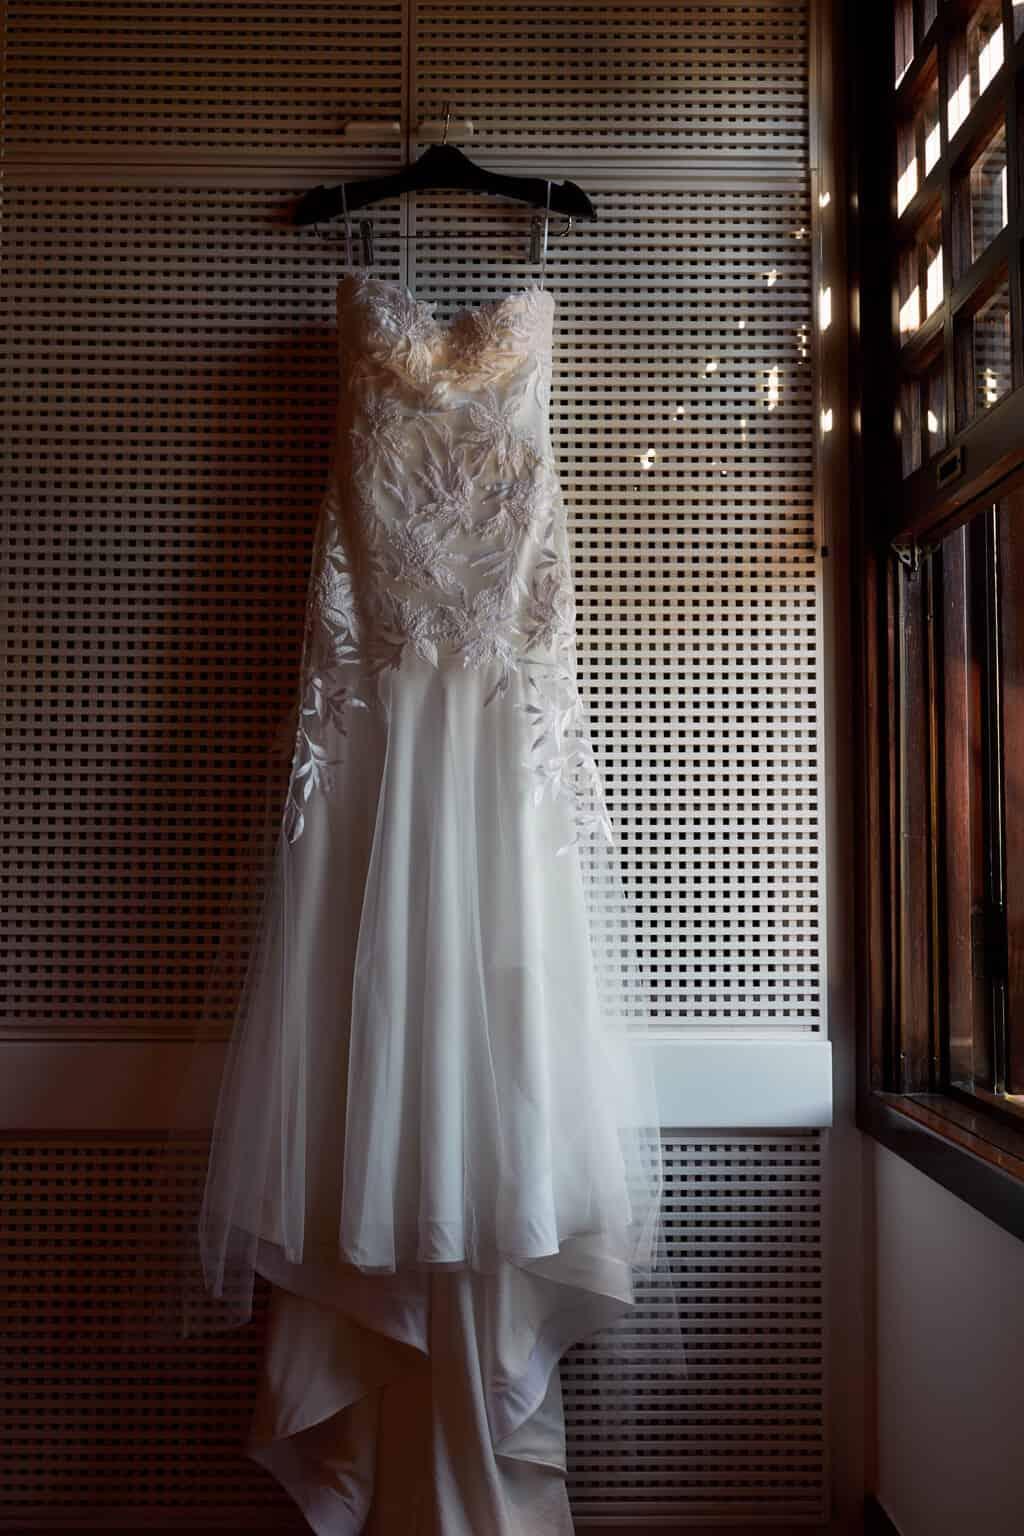 casamento-bruna-e-frederic-cerimonia-ao-ar-livre-cerimonial-camila-luz-decor-renata-paraiso-decoracao-boho-making-of-vestido-de-noiva49